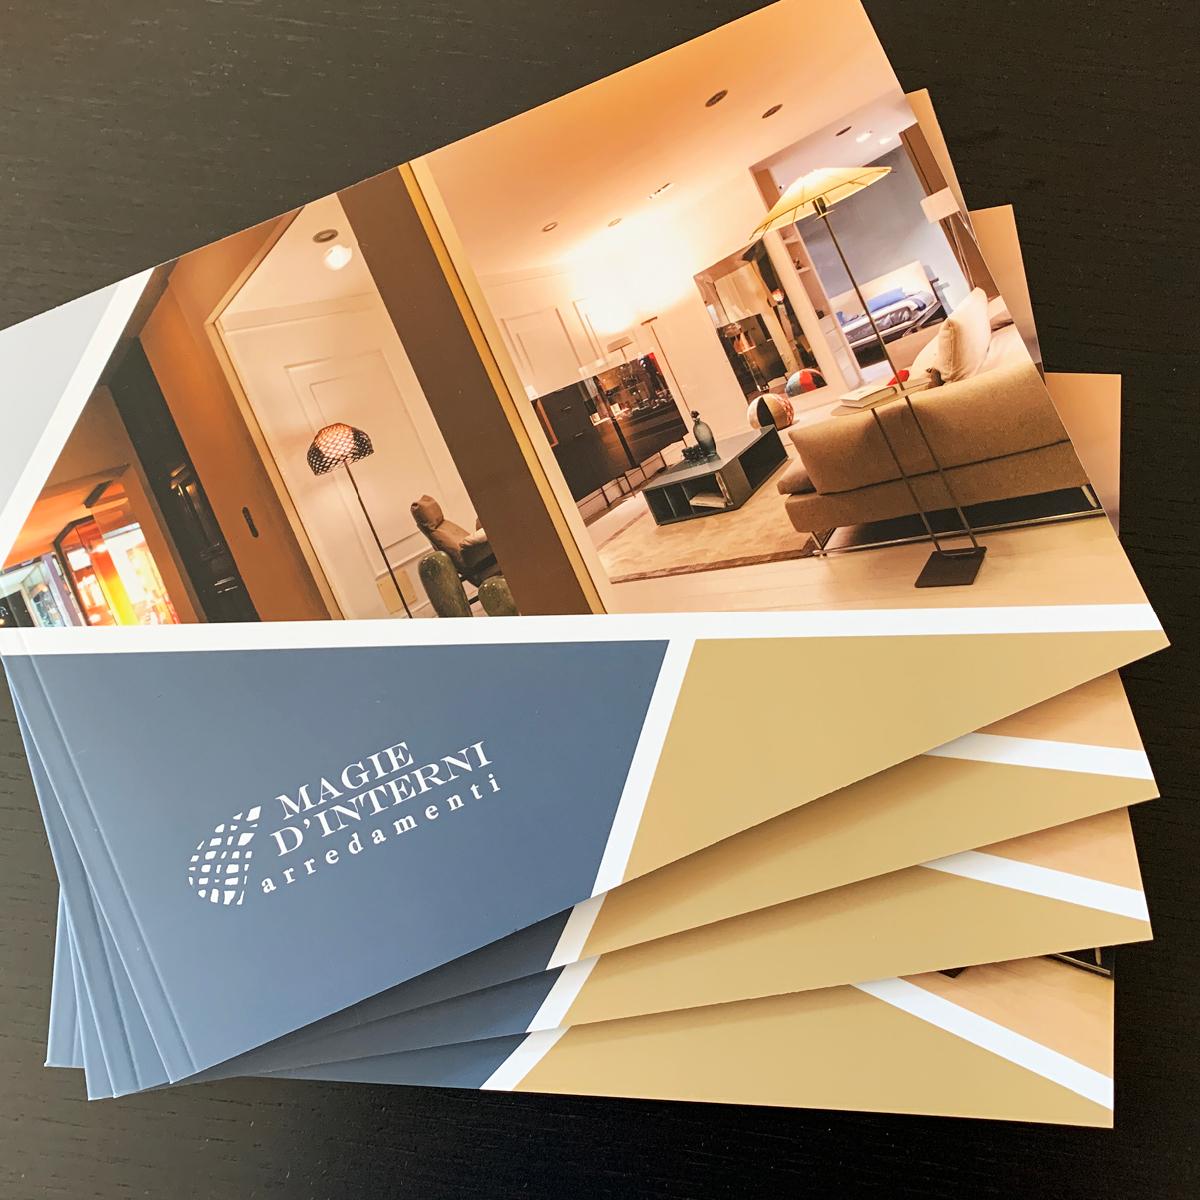 Progettazione grafica book portfolio - Magie d'interni arredamenti Lovere (Bg)